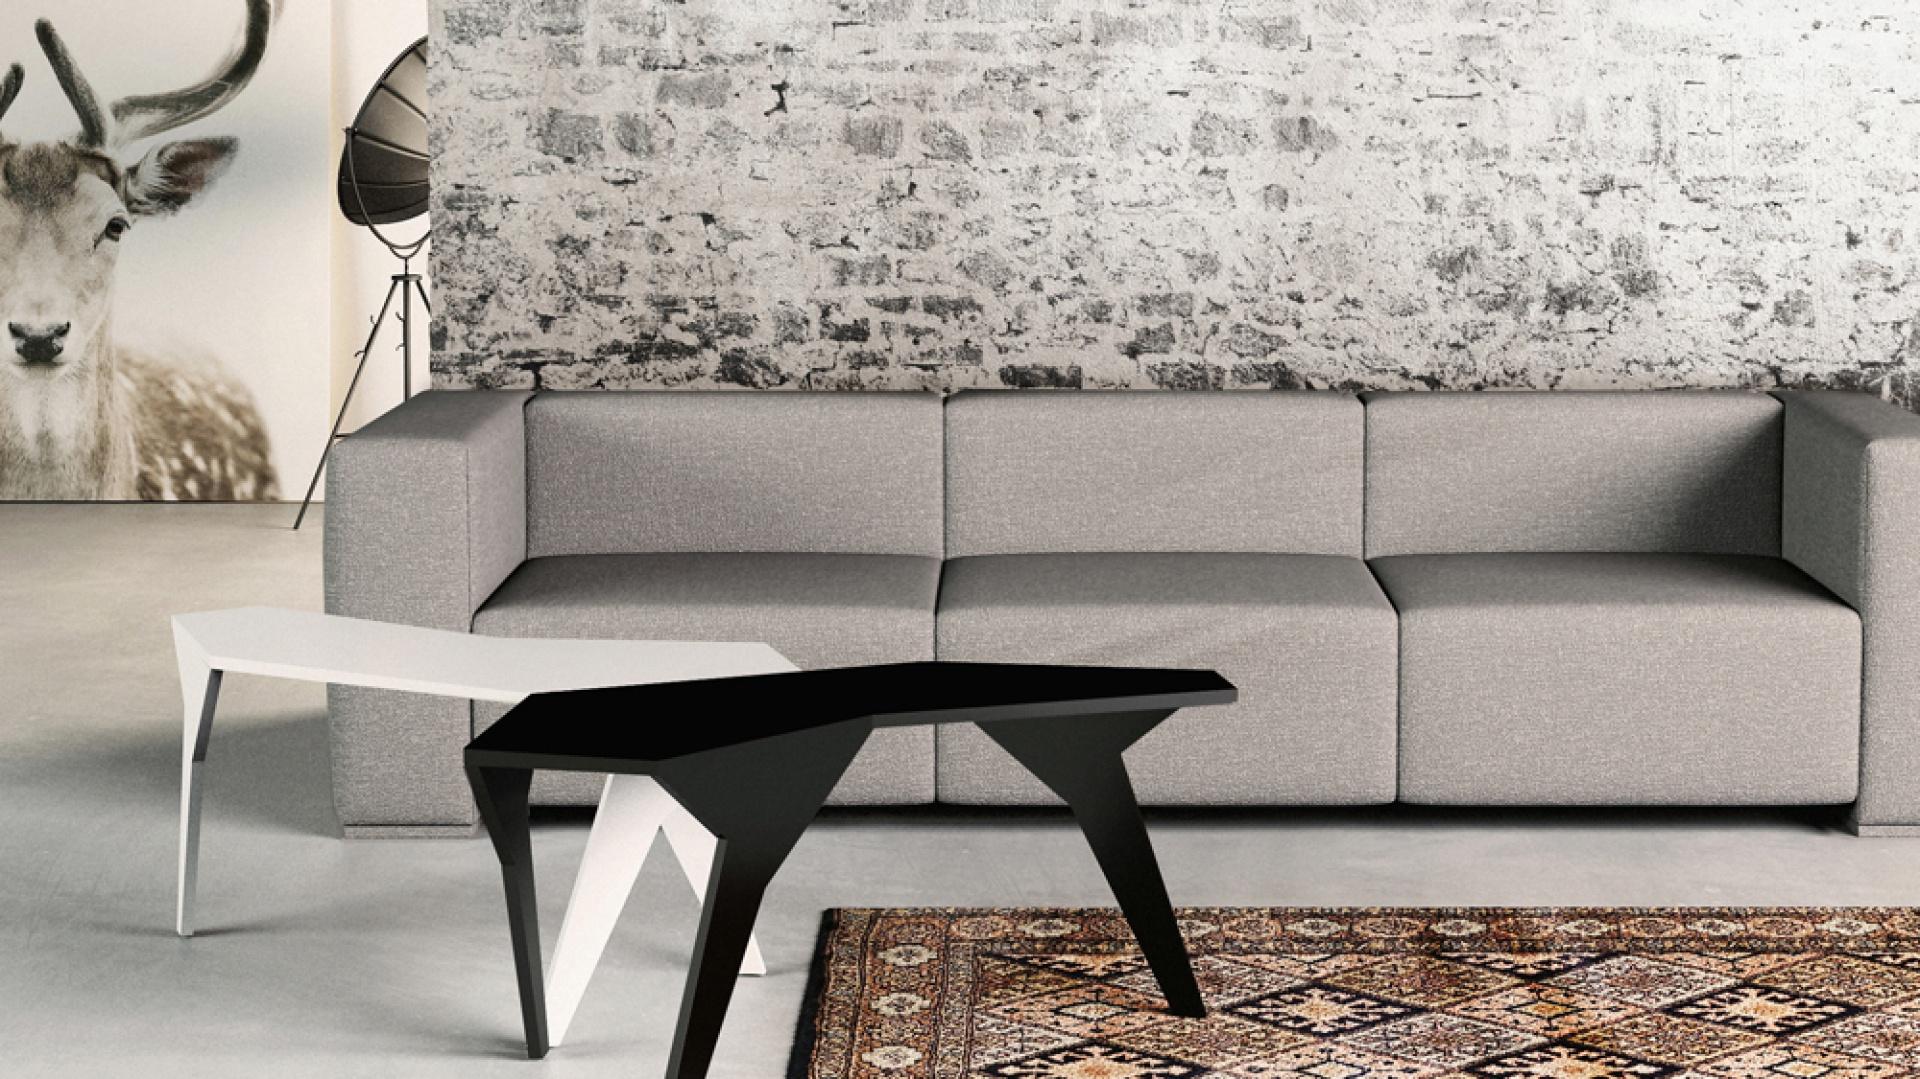 Stolik Georetro o ciekawej, oryginalnej formie. Do wyboru w dwóch kolorach: białym i czarnym. Doskonale prezentuje się zarówno w duecie, jak i solo. Fot. archiwum projektanta.